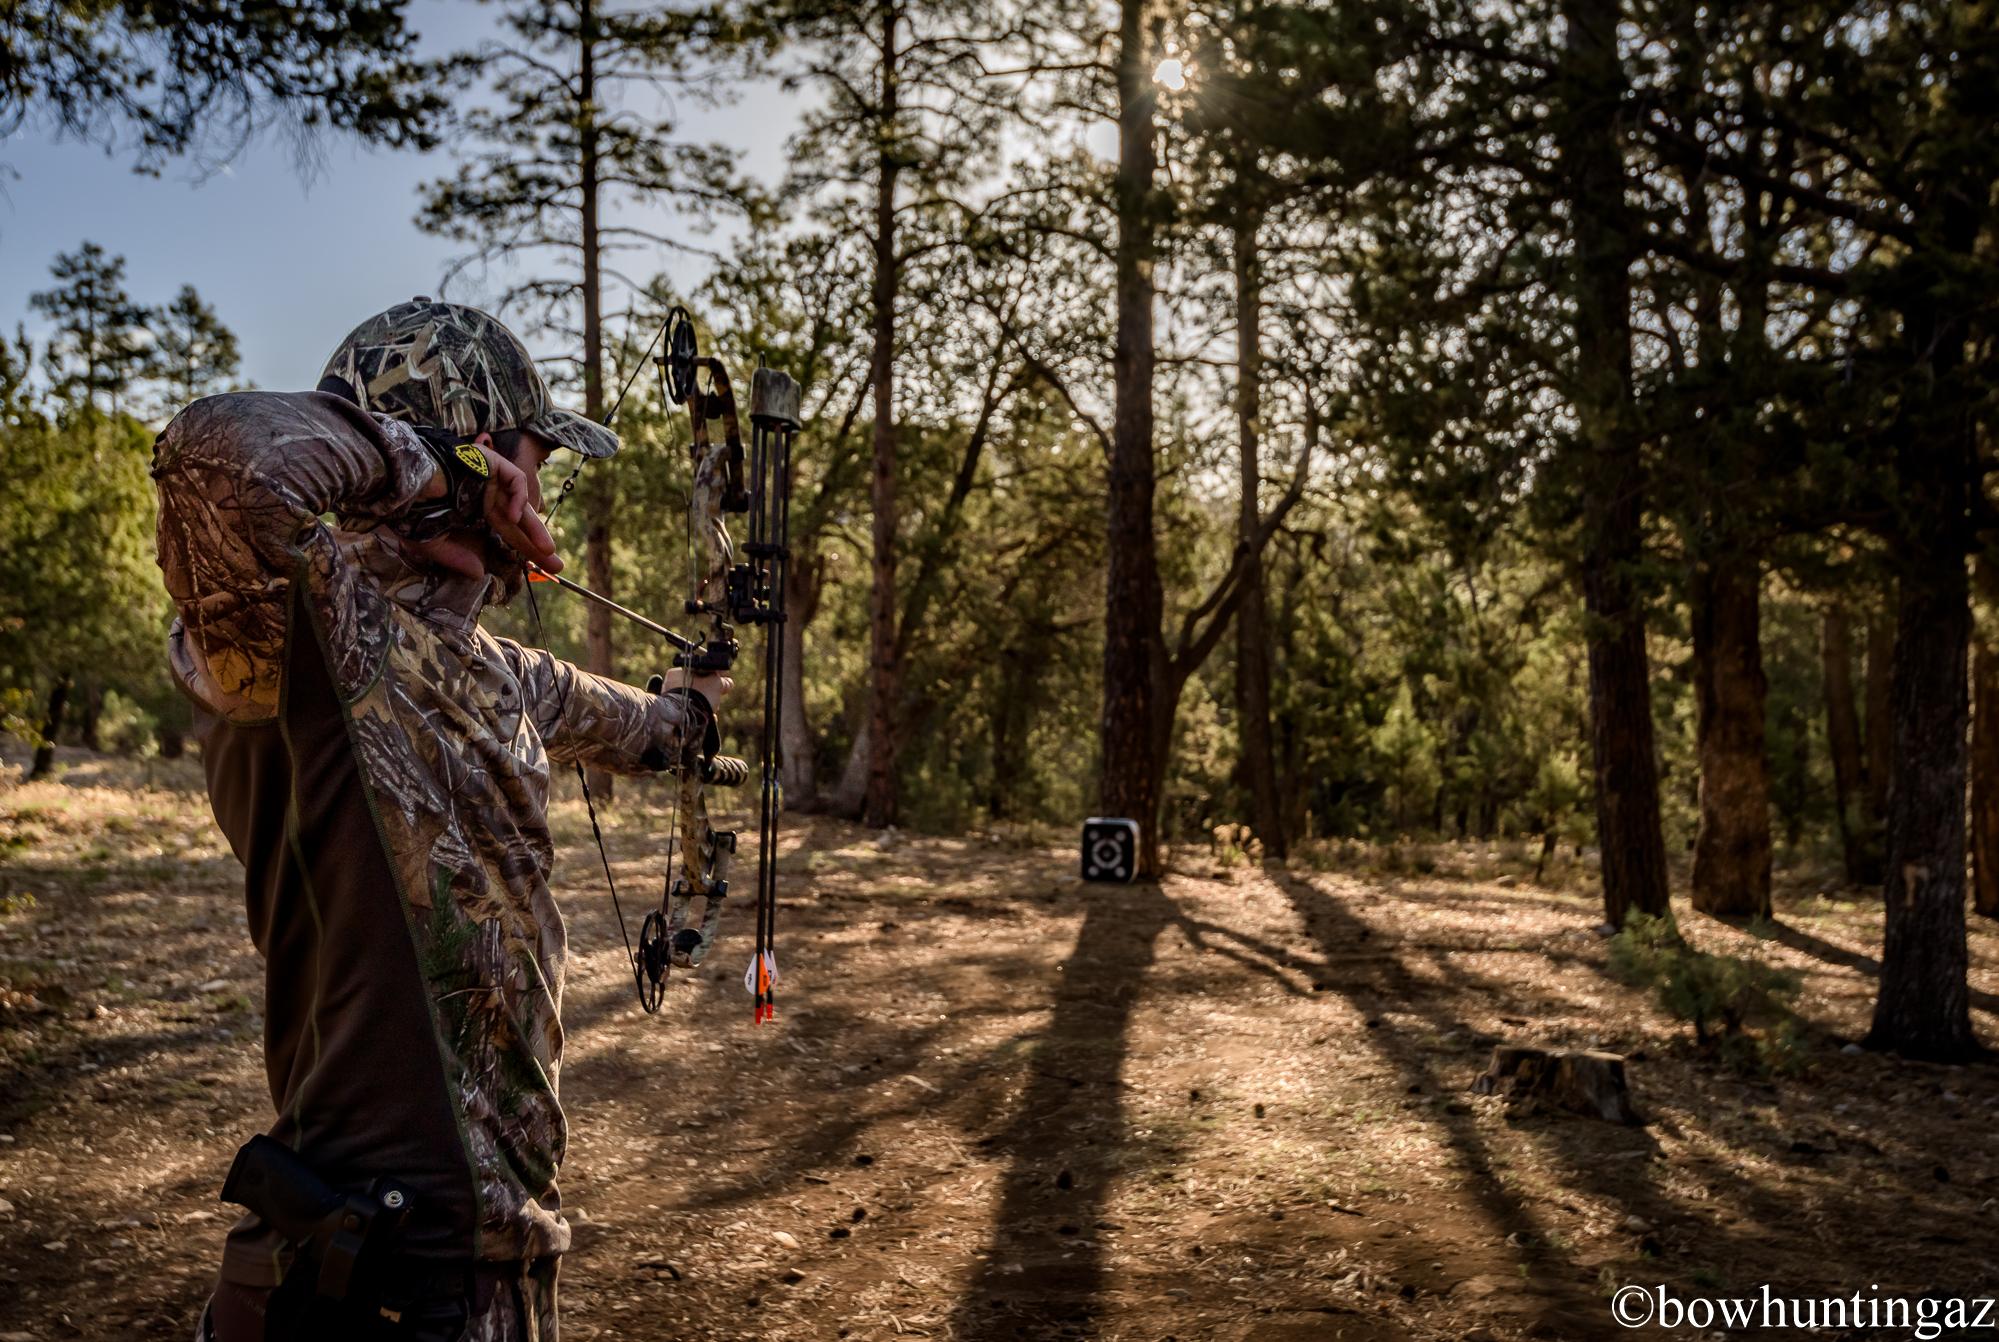 BowhuntingAZ, Arizona Bowhunter, Hunting, Arizona